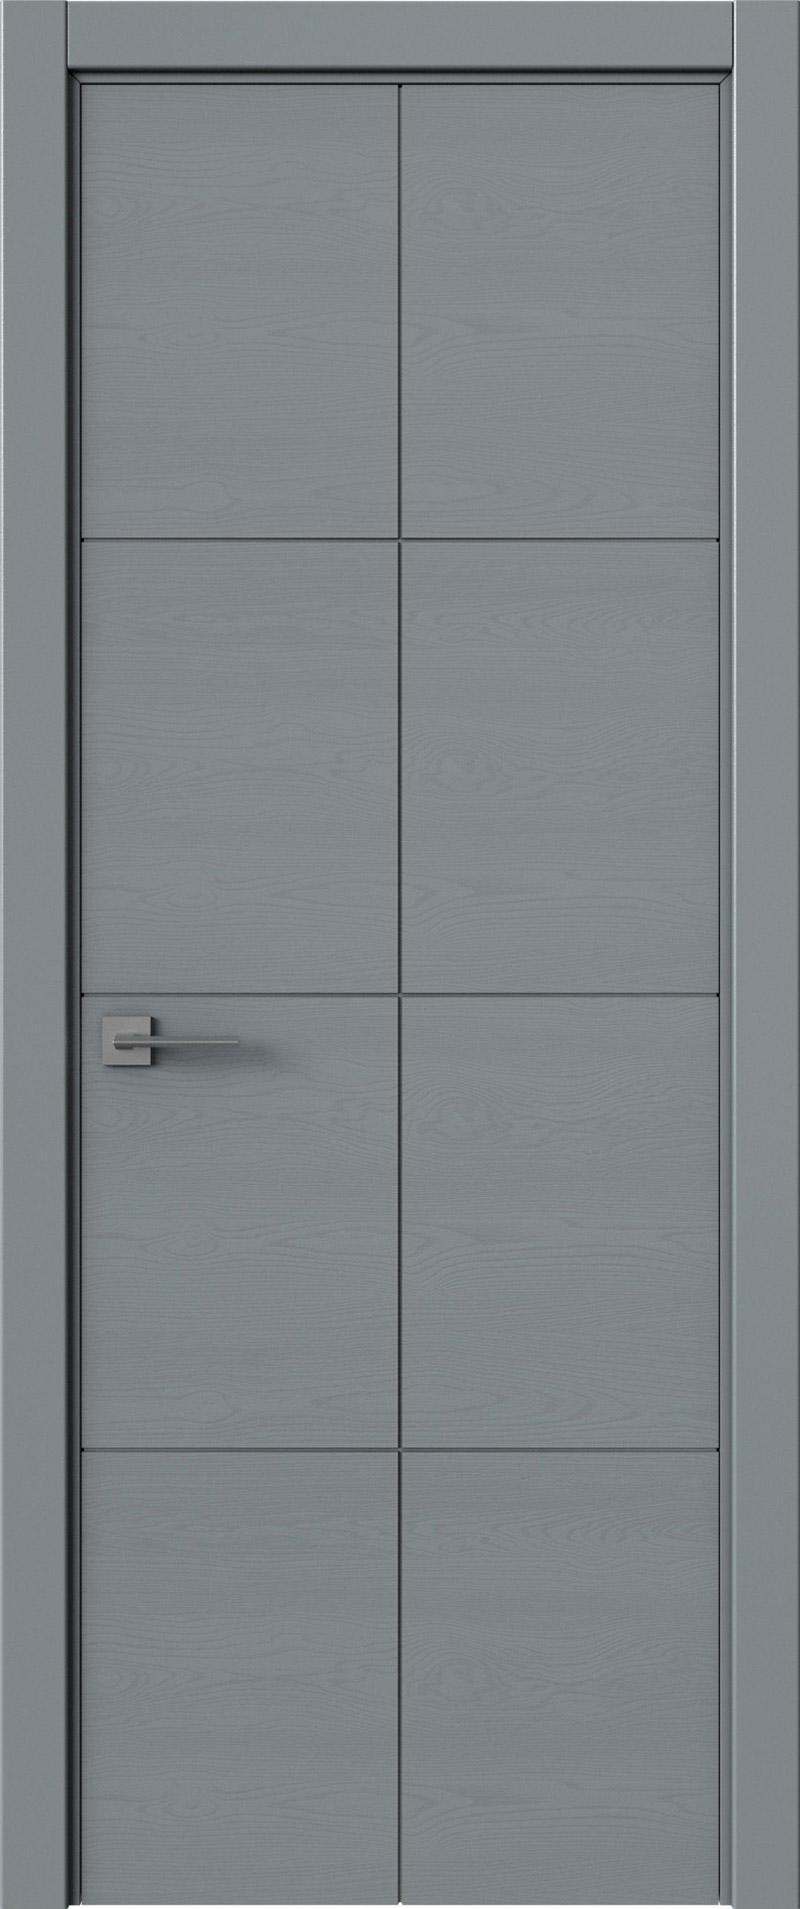 Tivoli Л-2 цвет - Серебристо-серая эмаль по шпону (RAL 7045) Без стекла (ДГ)